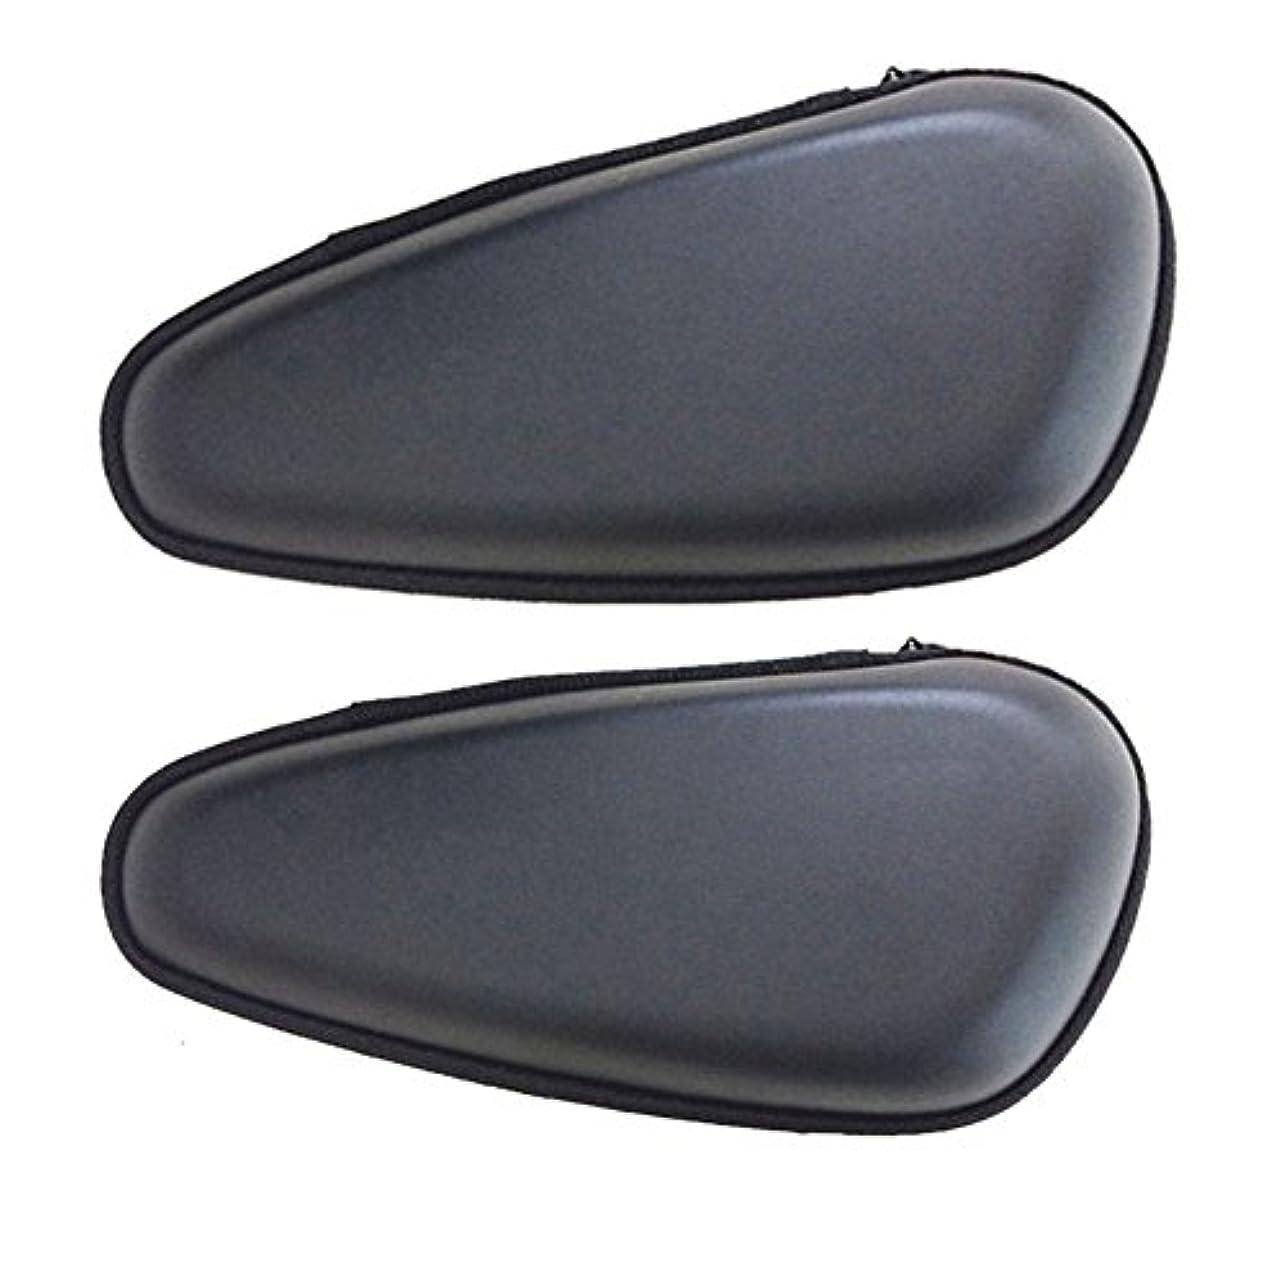 複雑な下召集するHZjundasi 2x Travel Hard Case 保護バッグ For Philip シェーバー S5000/7000/9000